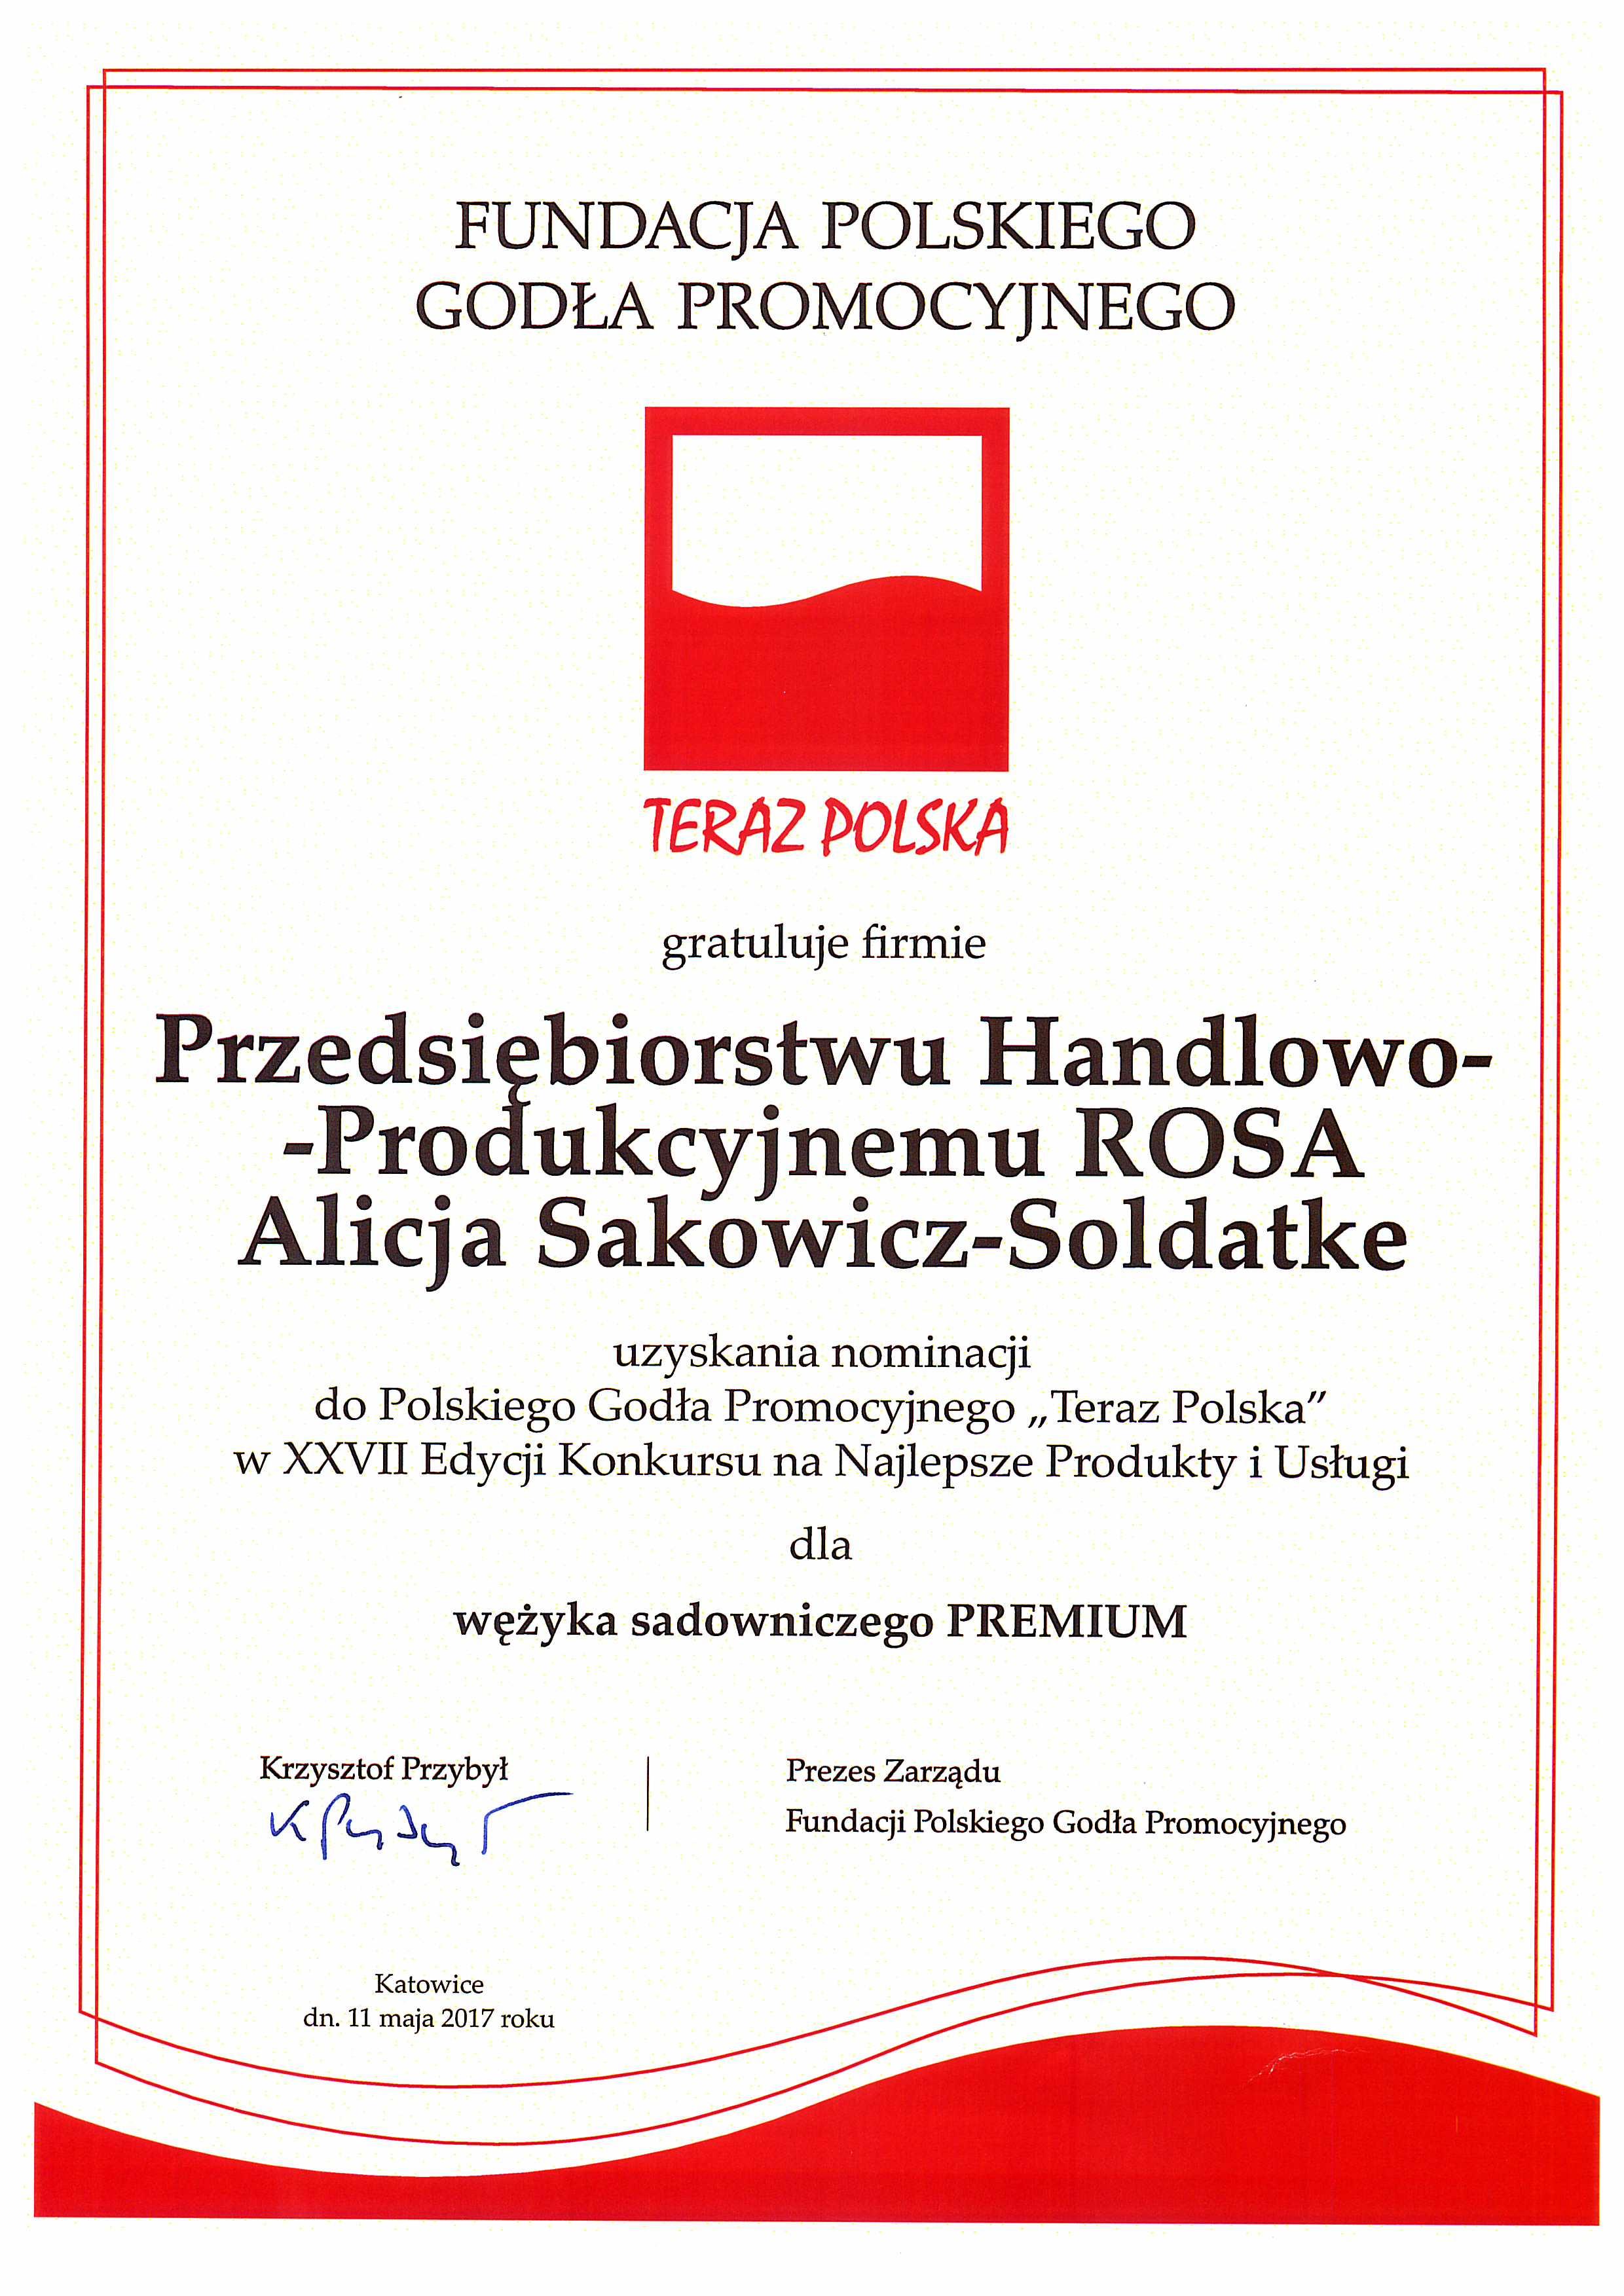 Wężyk PREMIUM – Nominowany do godła TERAZ POLSKA